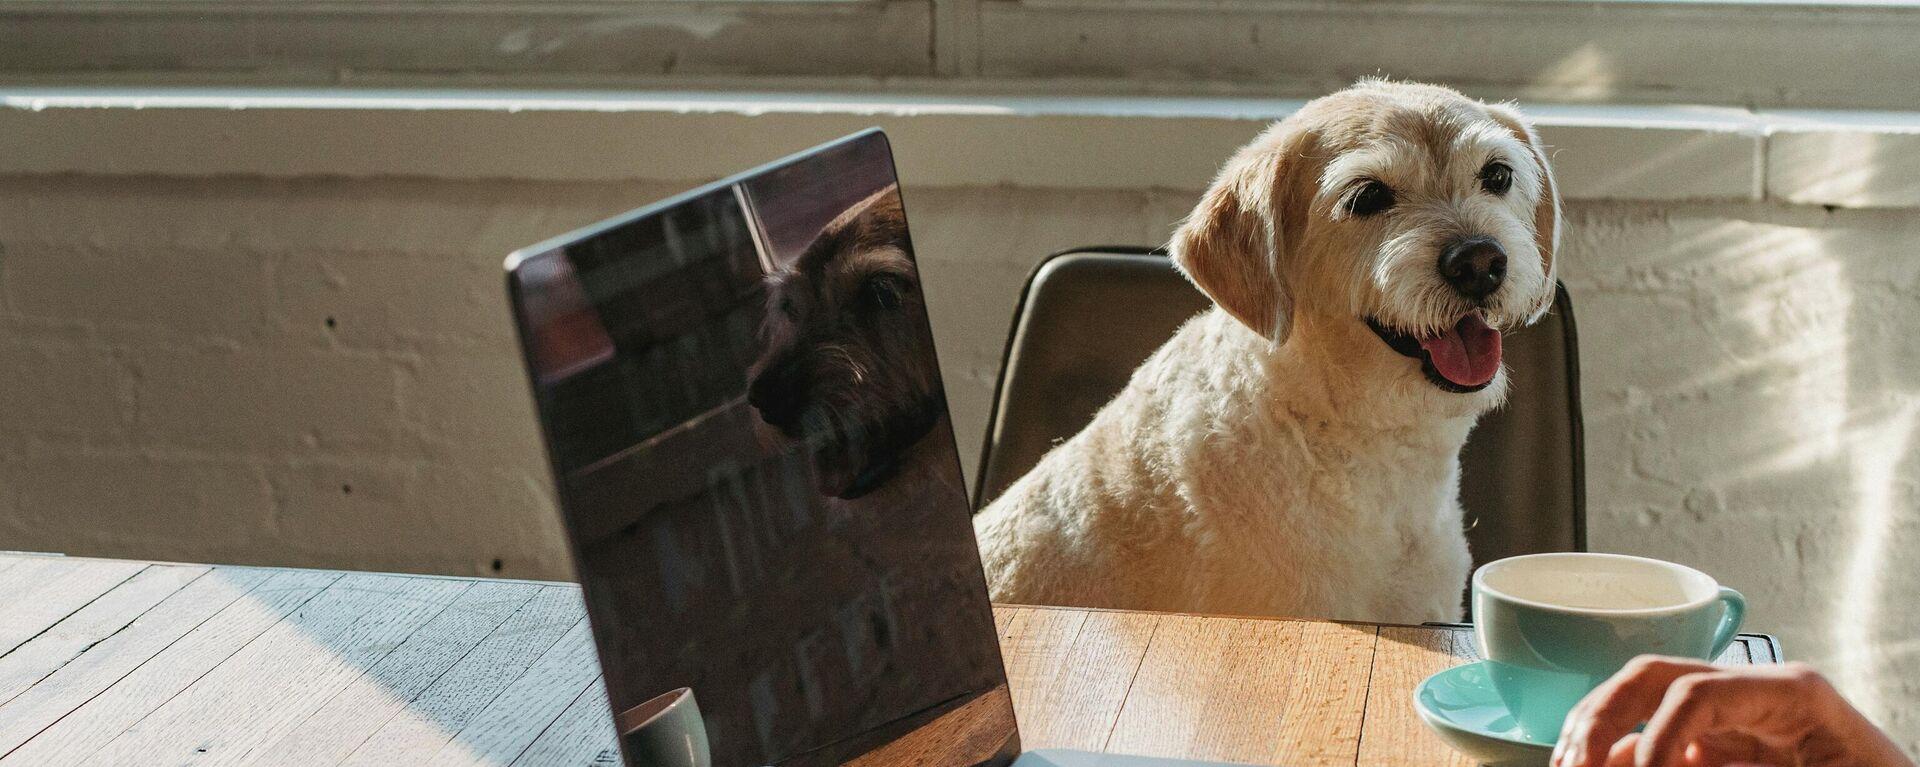 Un perro en la oficina, ilustración - Sputnik Mundo, 1920, 30.06.2021